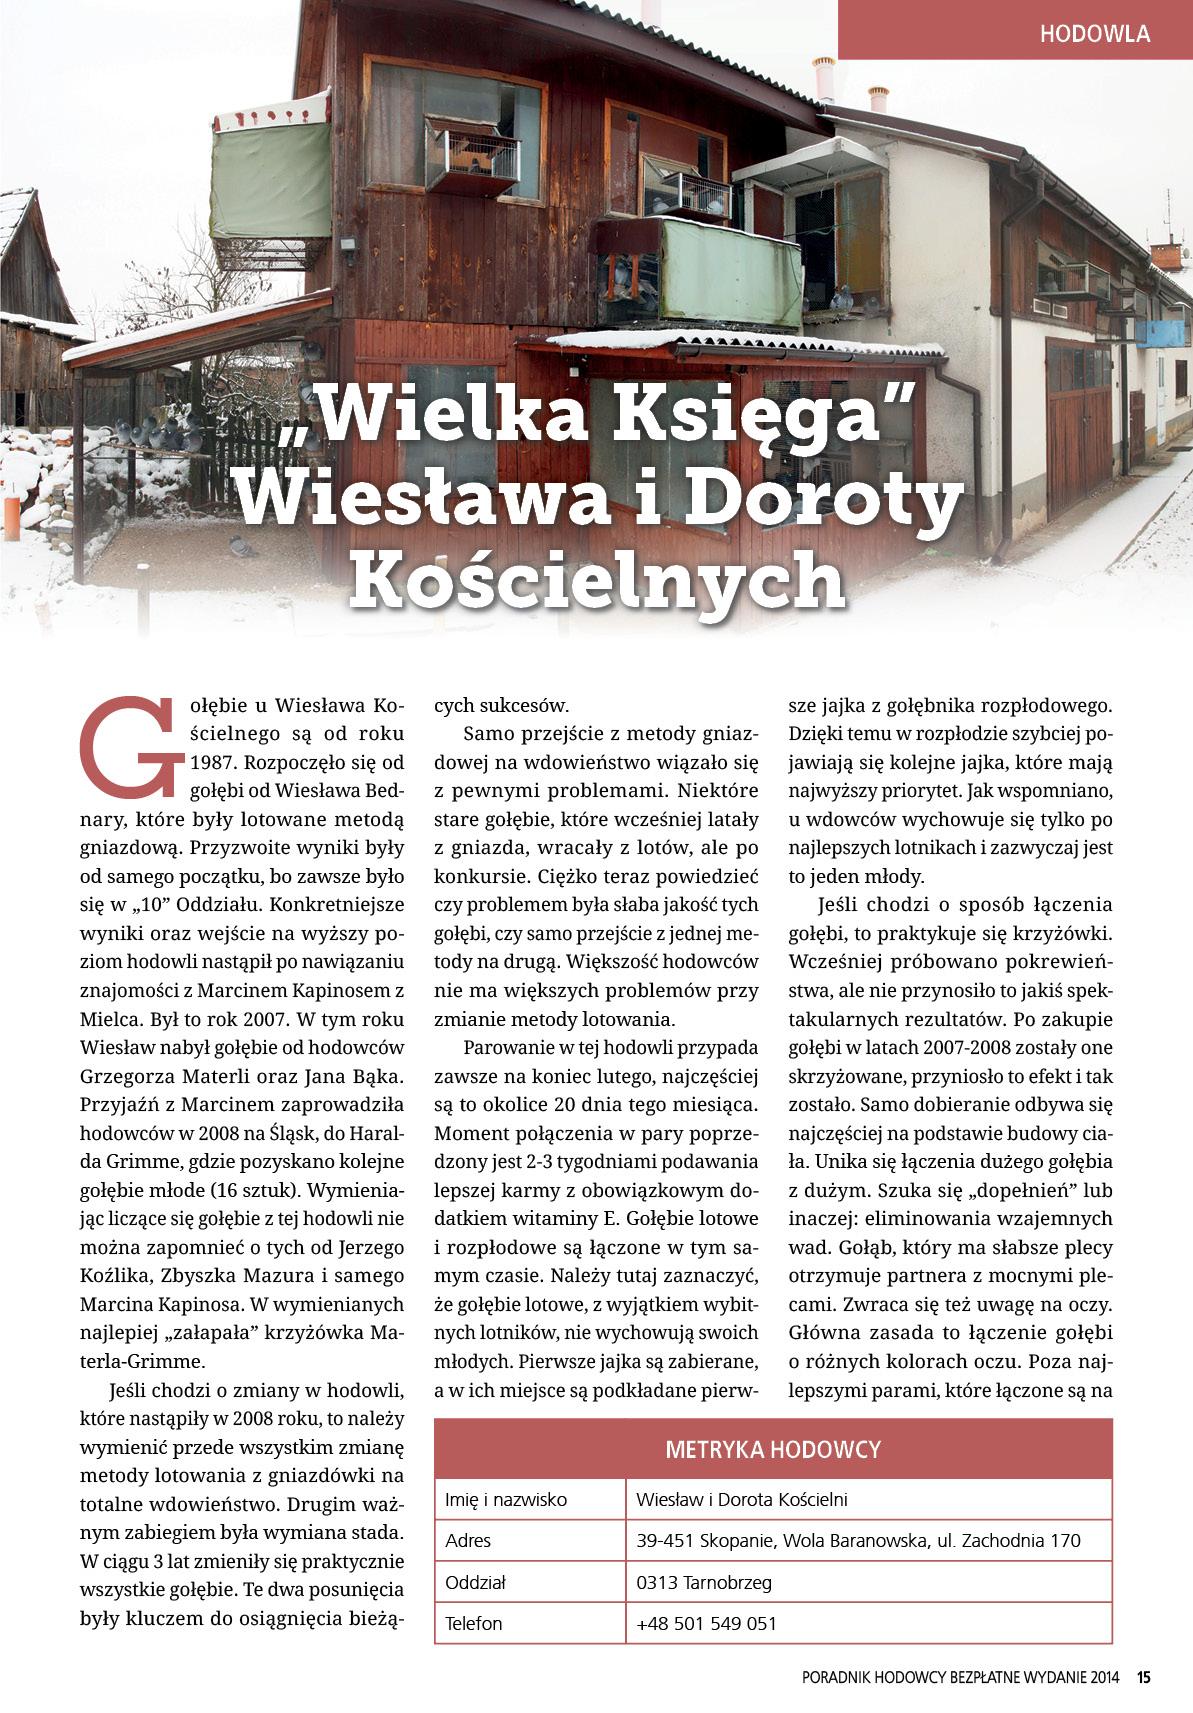 Darmowy numer specjalny Poradnika Hodowcy 2014 - strona 15